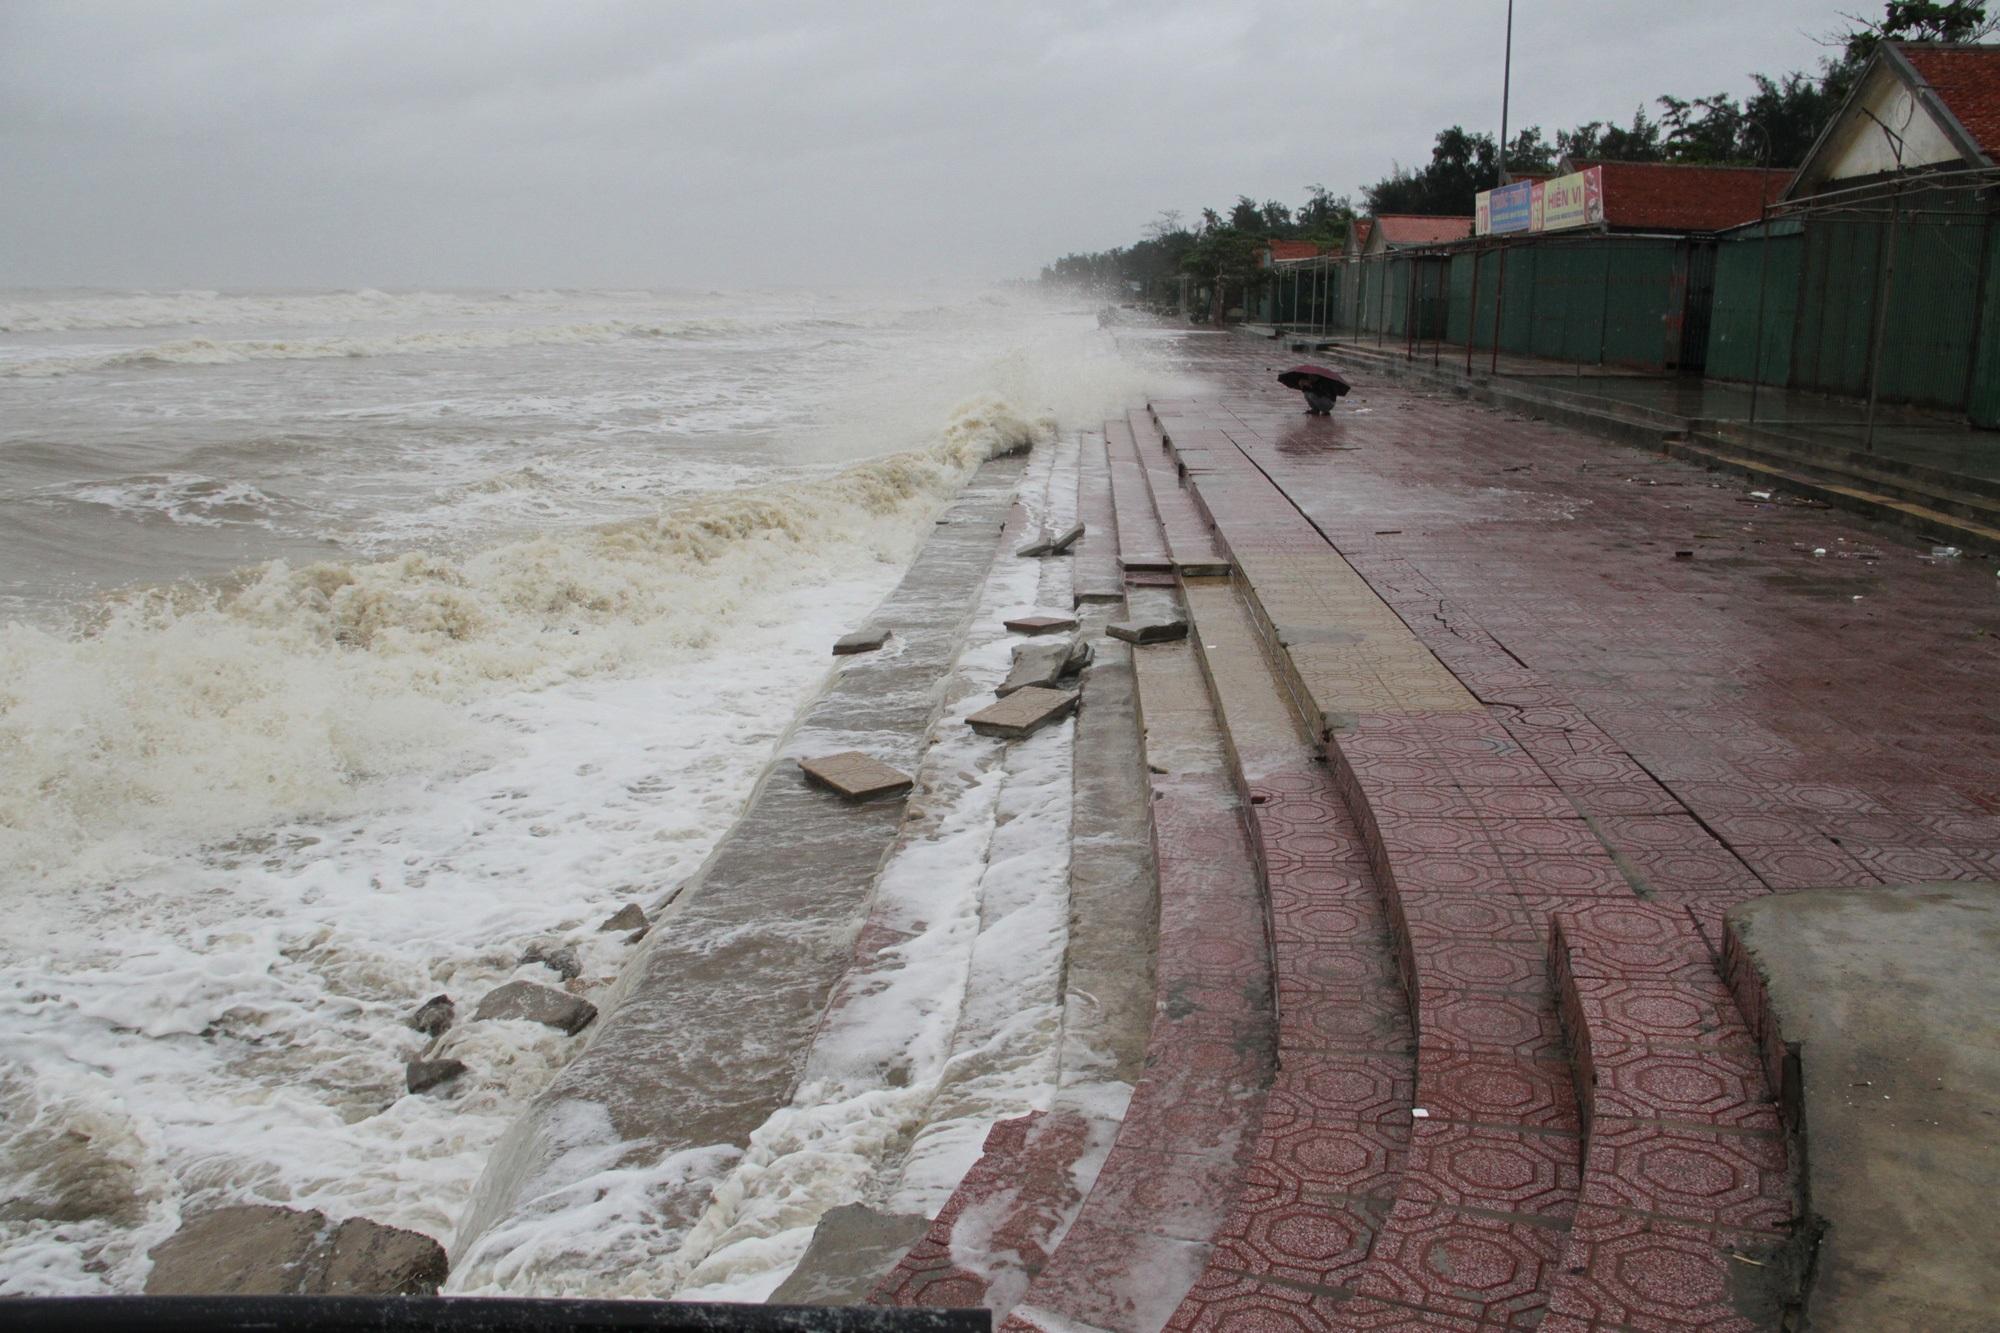 Bão số 8: Sóng cao 5m đang đánh vào bờ biển Nghệ An, hàng trăm khối đất đá sạt lở, đổ xuống quốc lộ - Ảnh 6